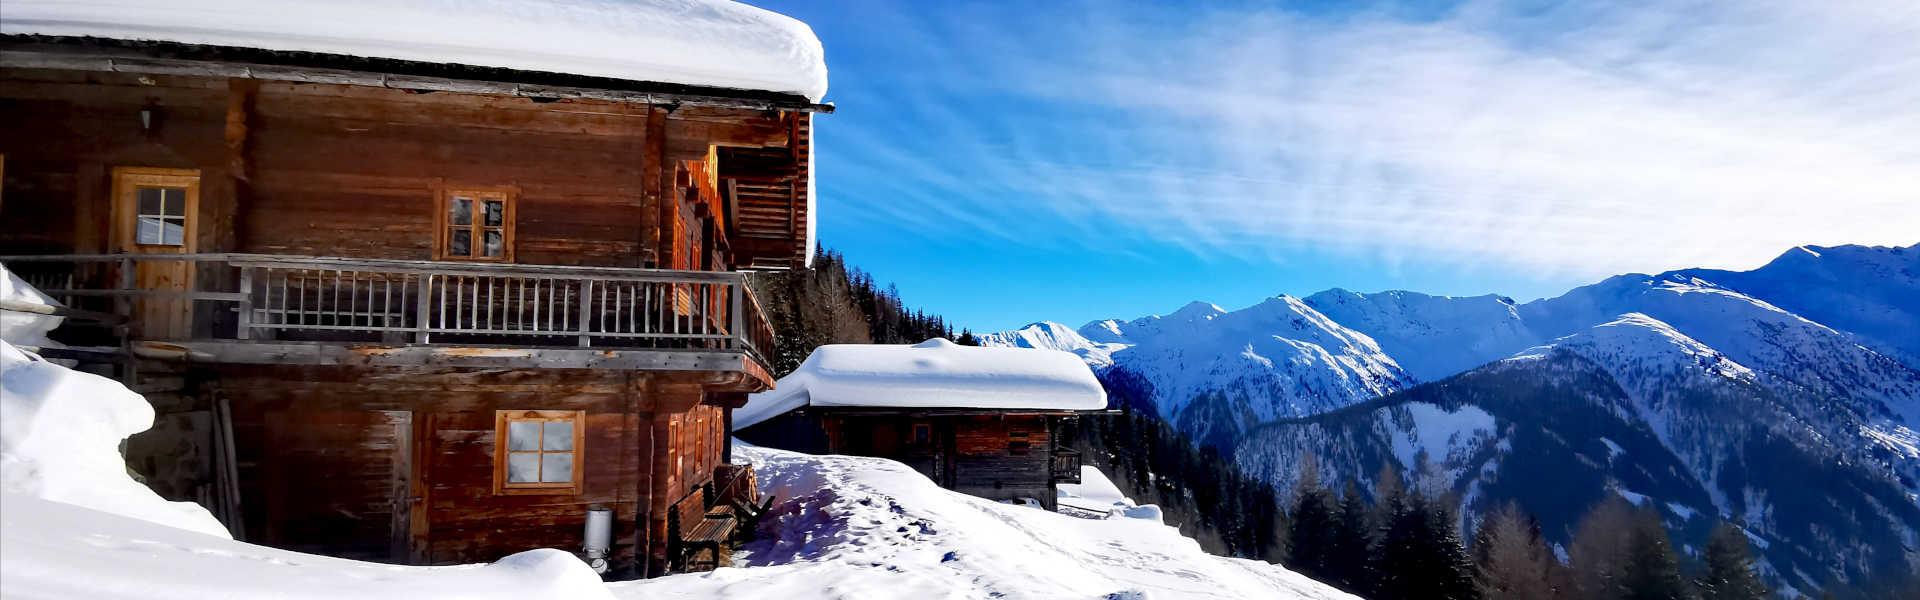 Freizeit - Winterfreizeit - Schneeschuhwandern - Headerbild